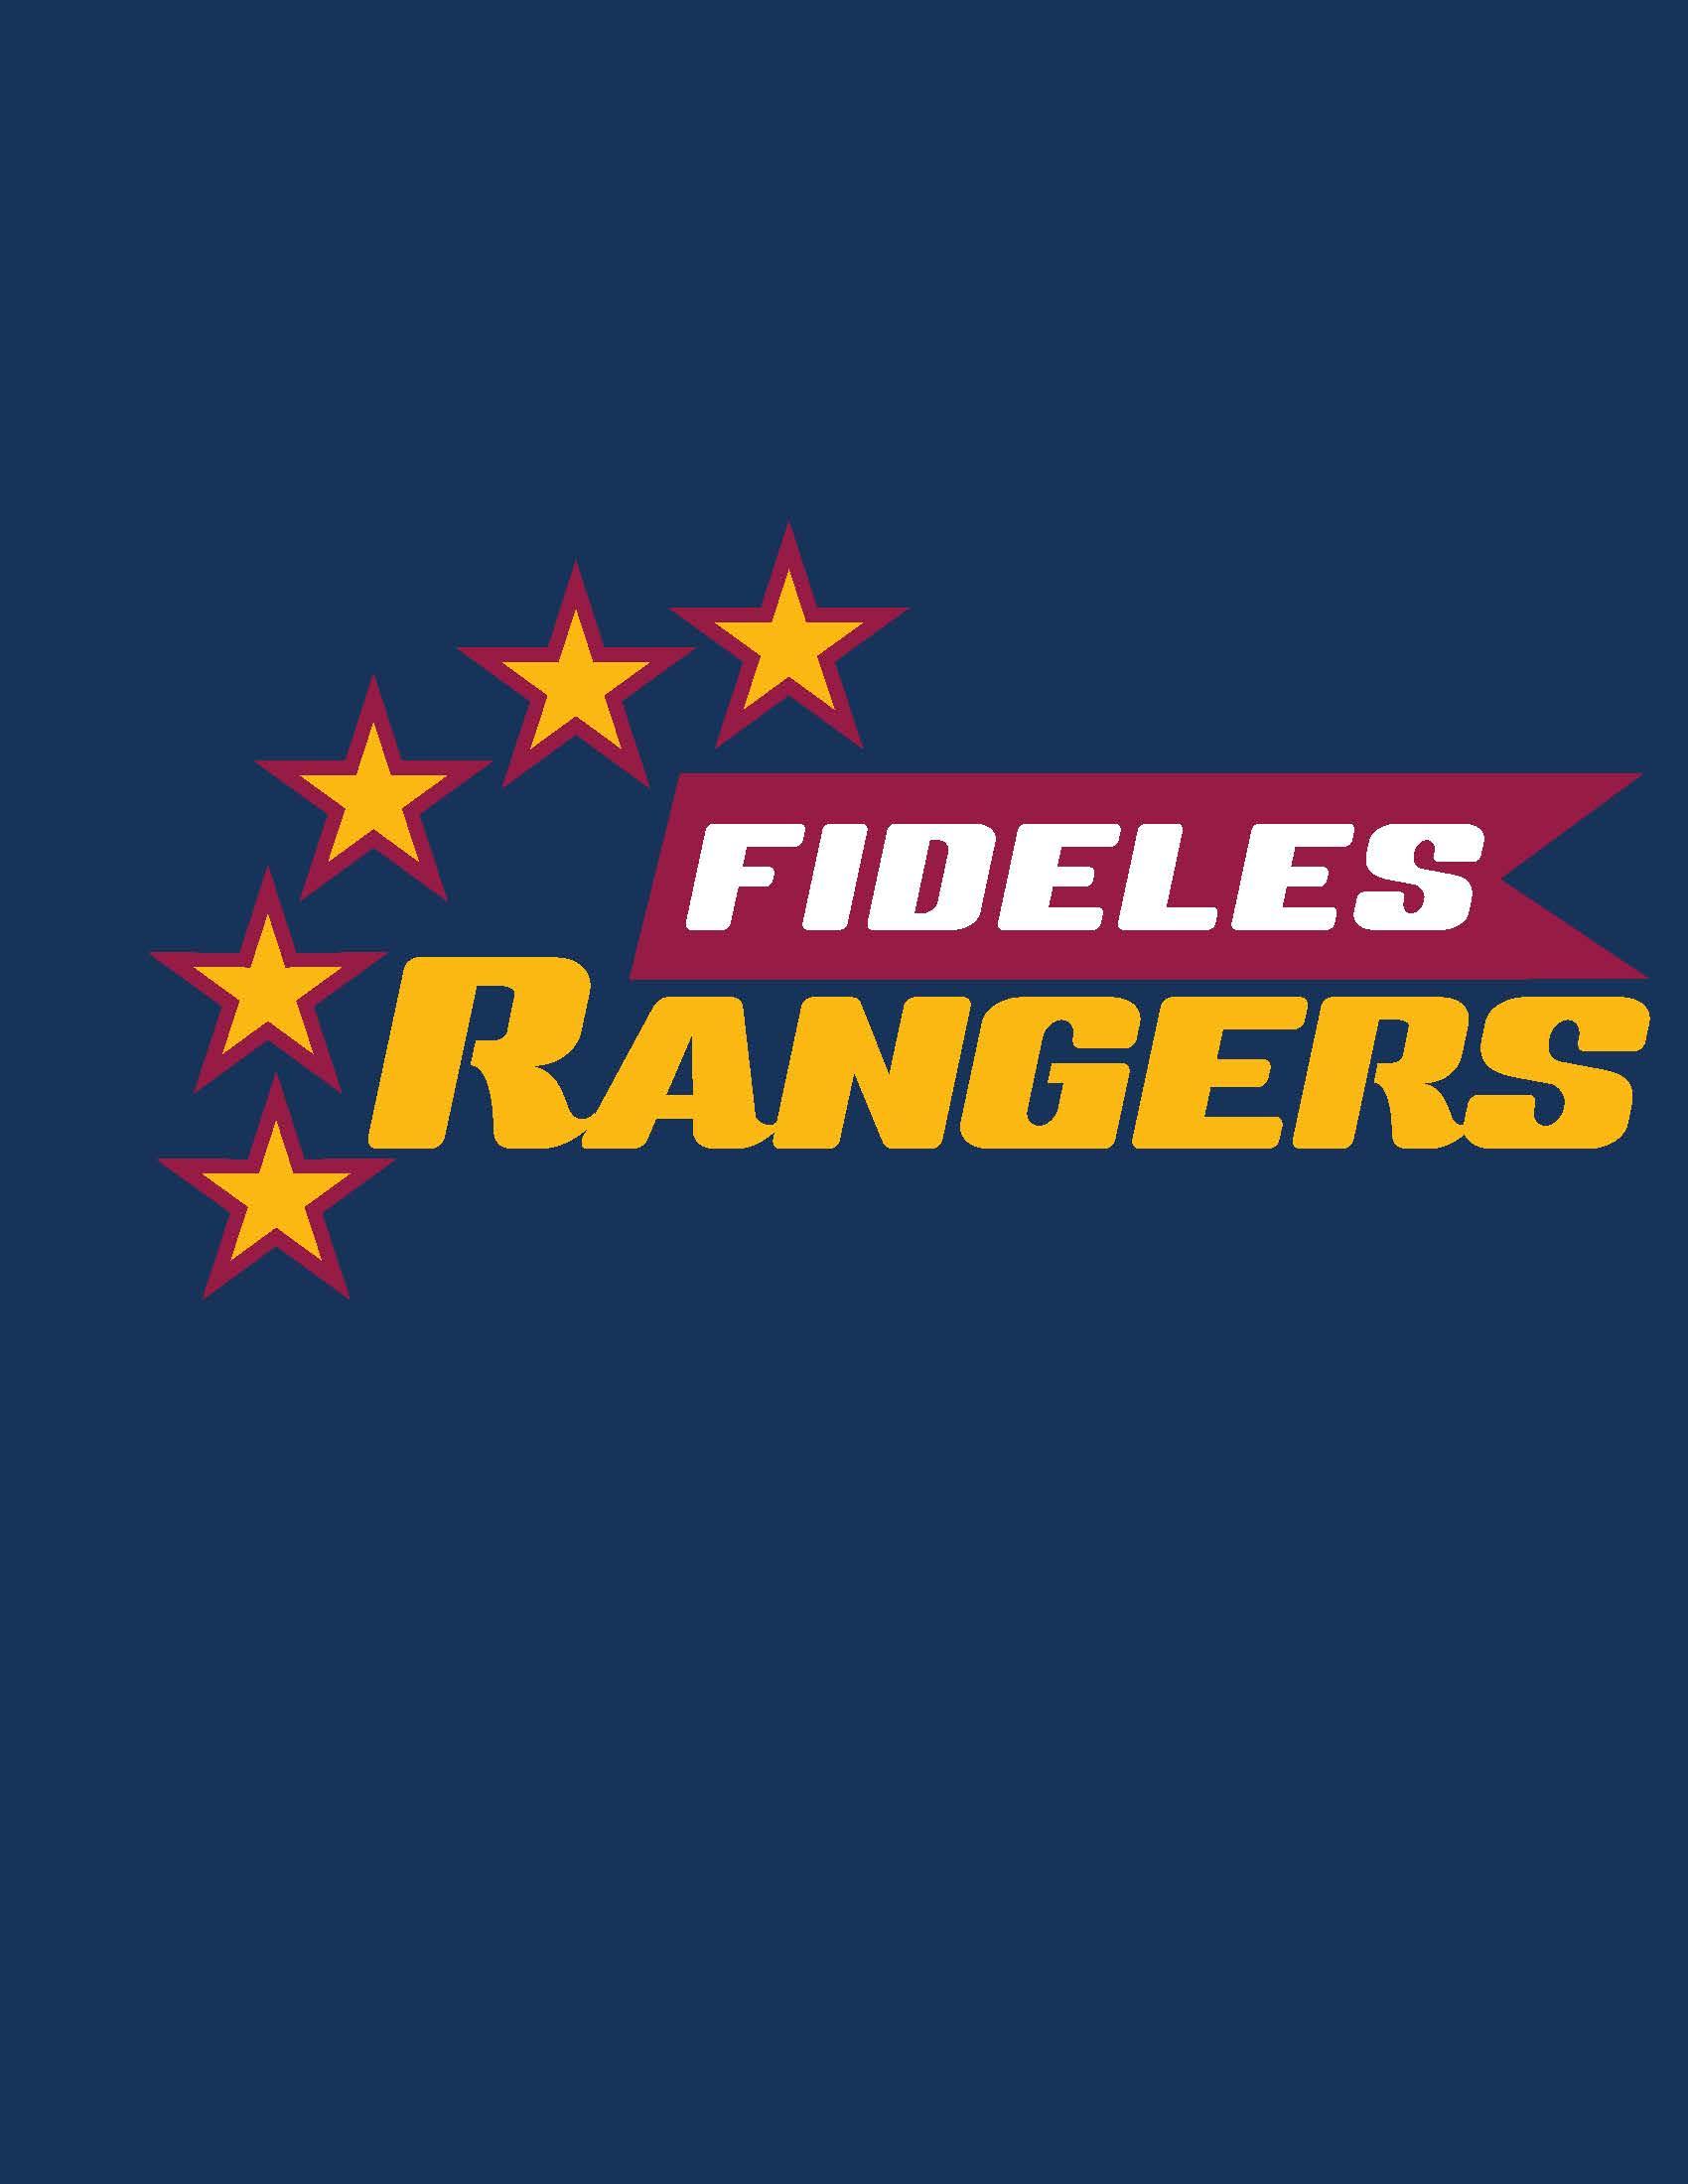 fideles-rangers-blue-shirt.jpg